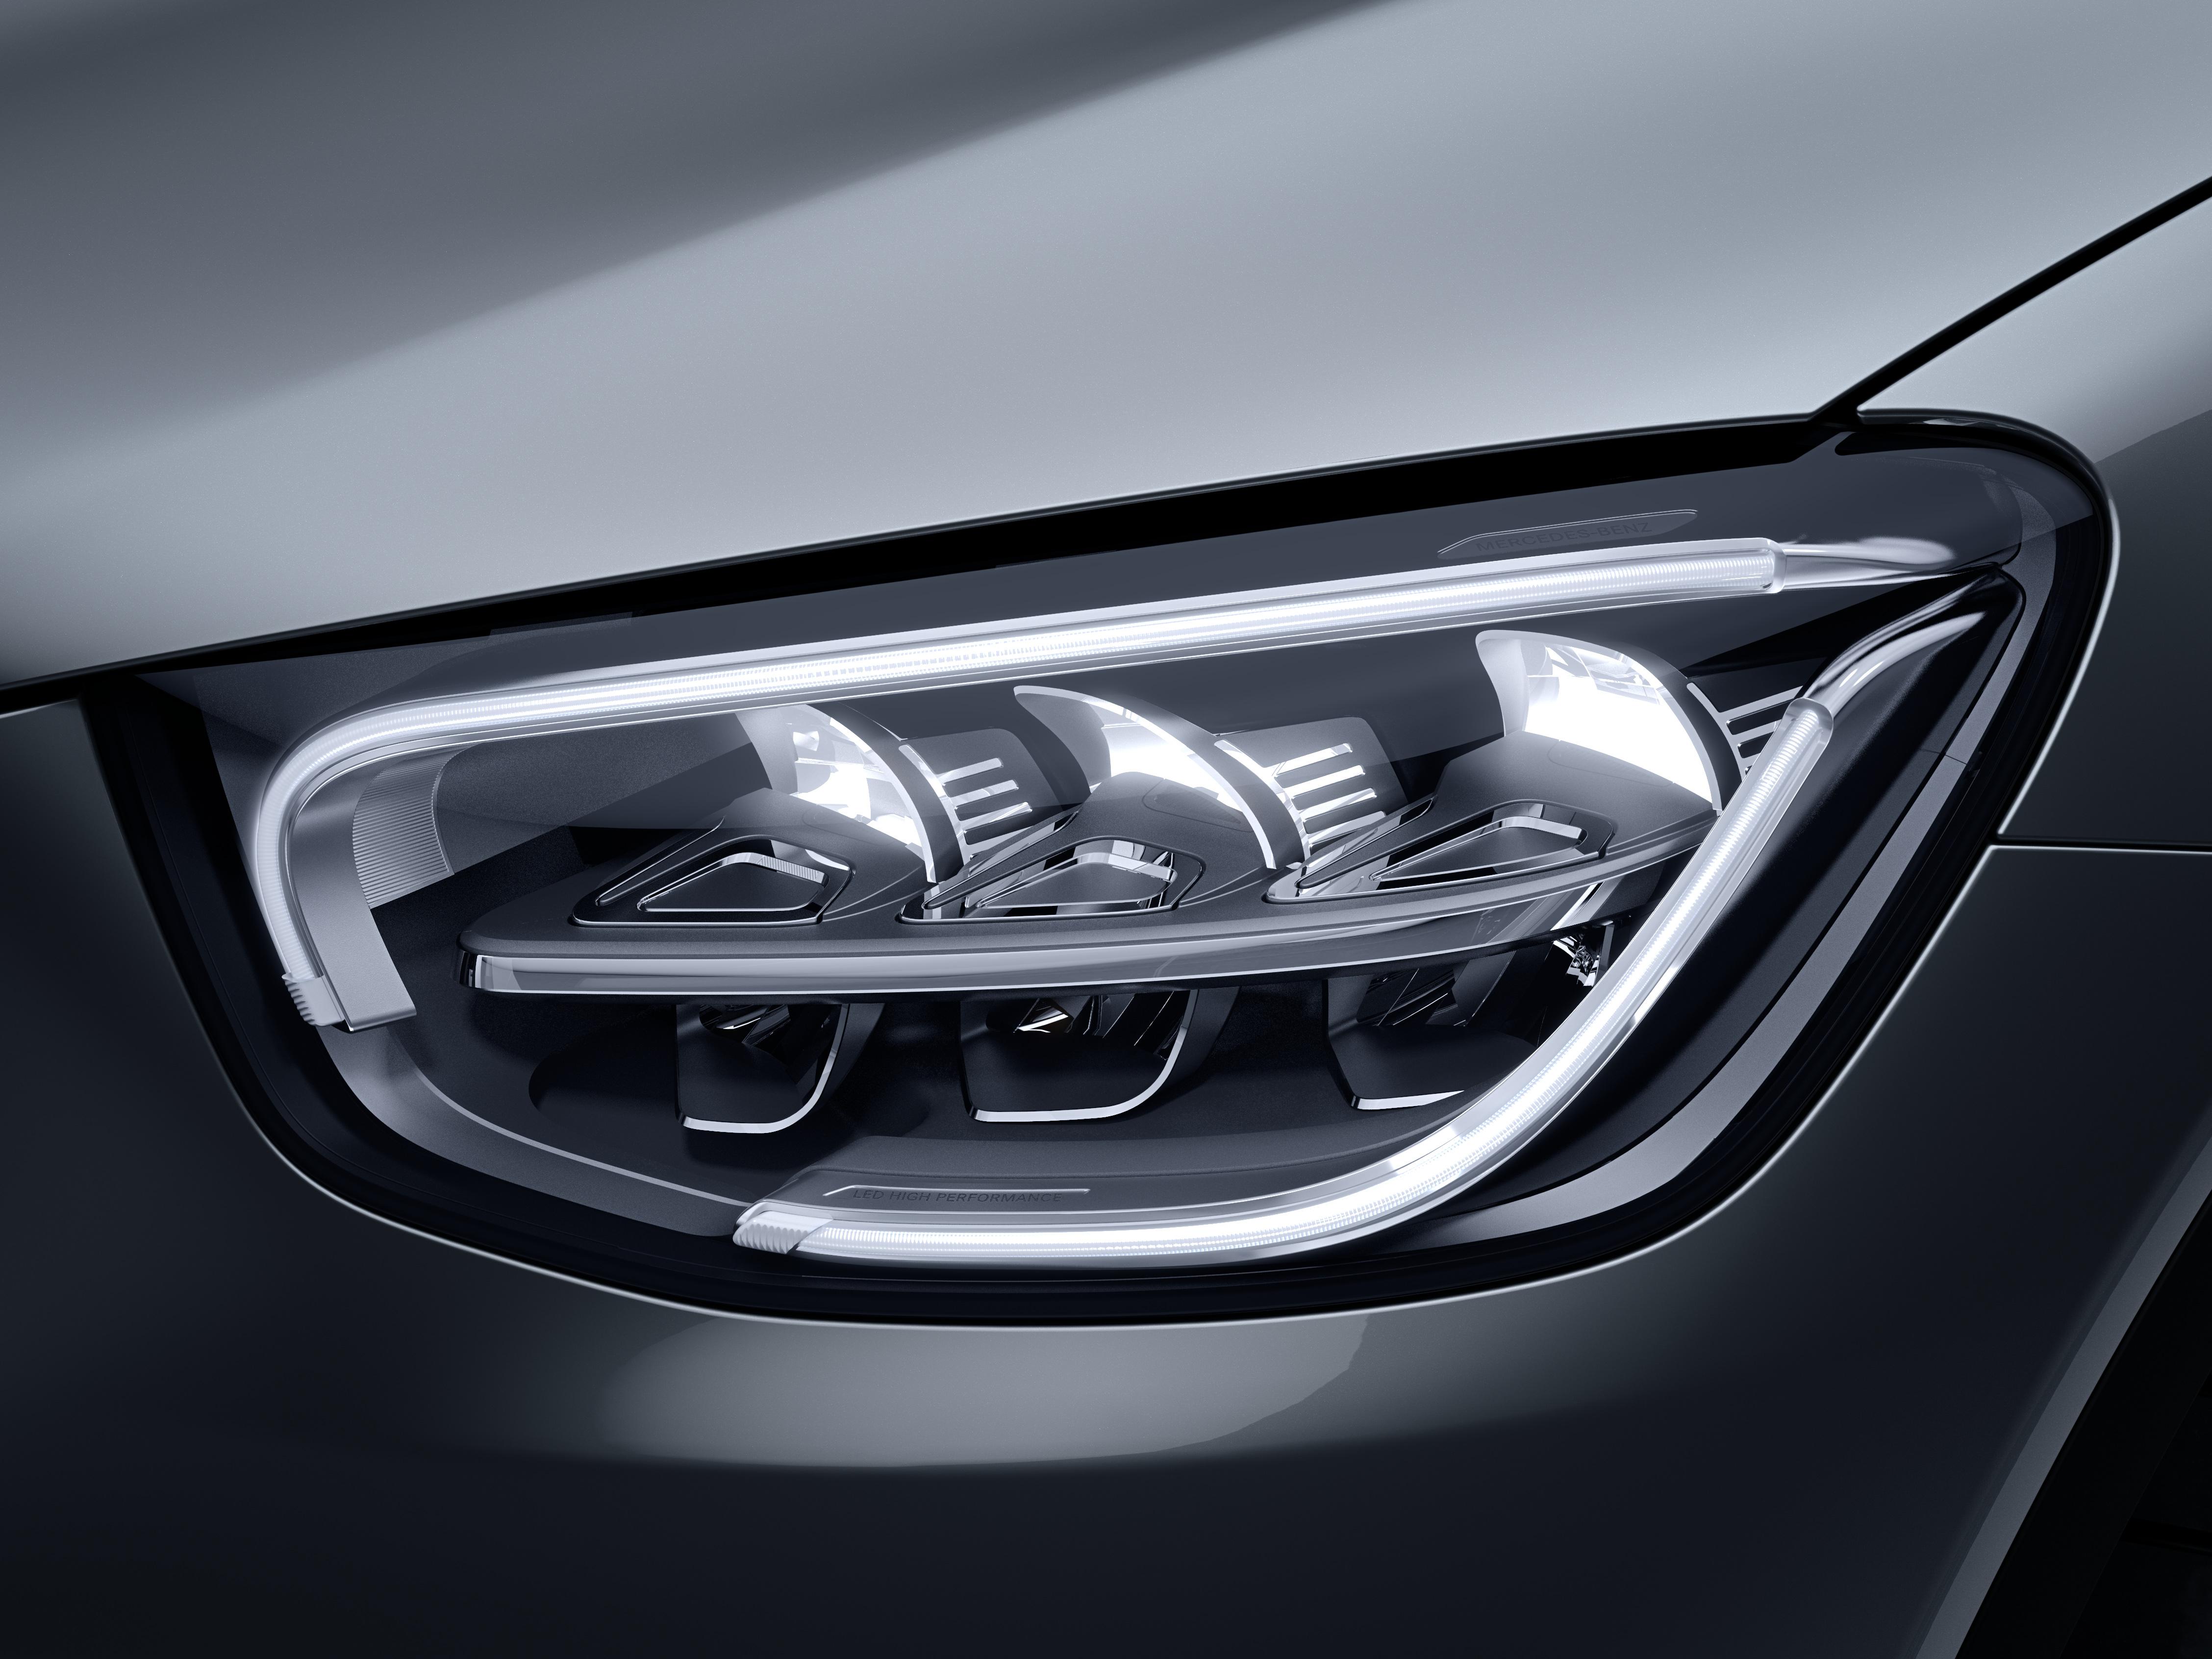 Phares de la Mercedes GLC Coupé - Finition Avantgarde